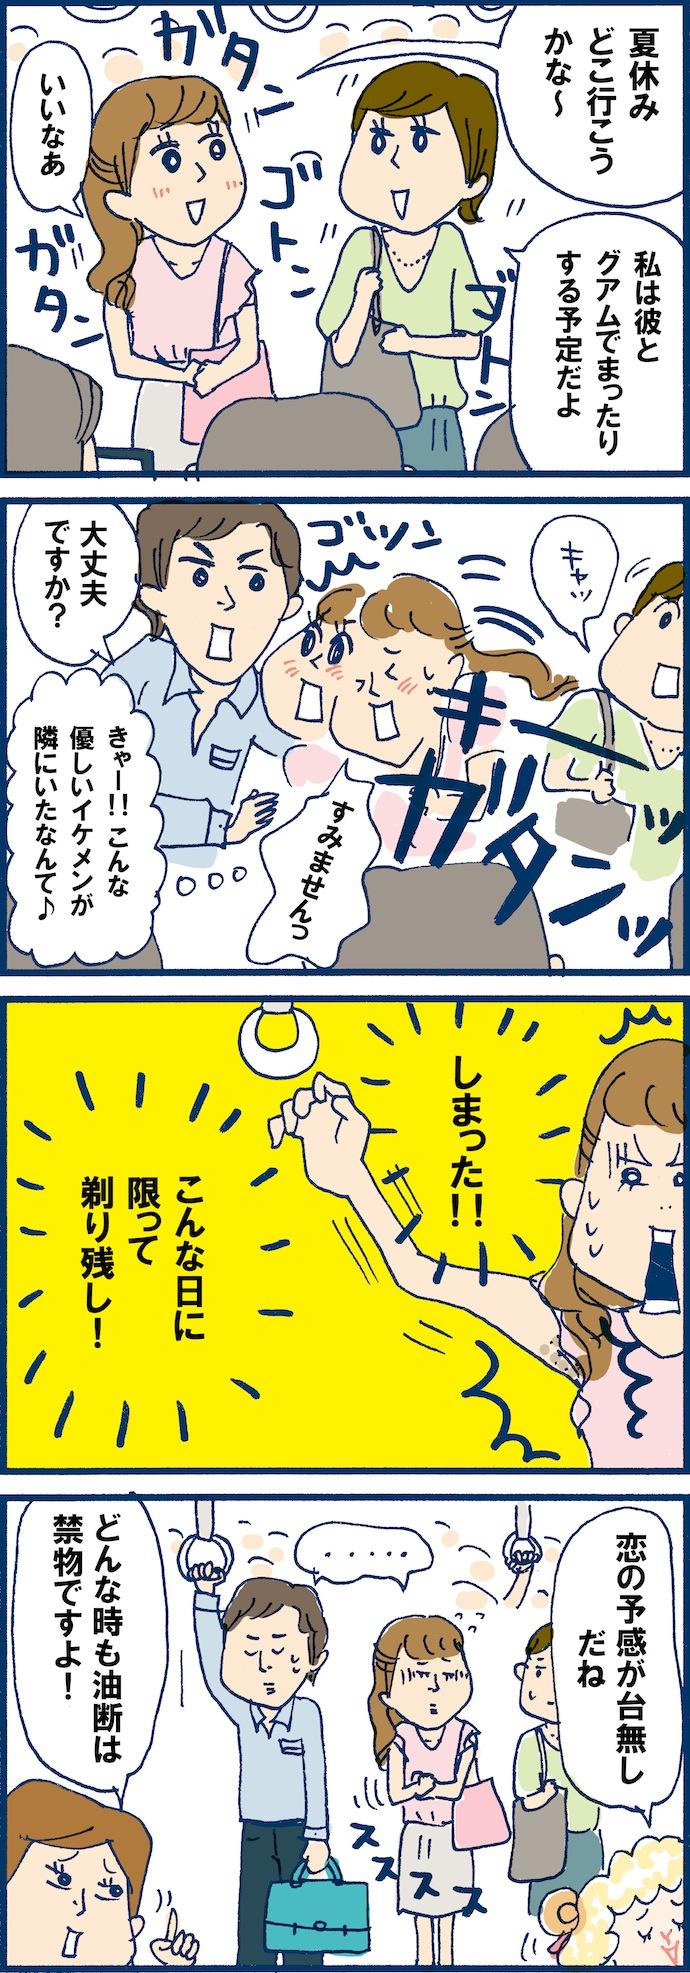 【Vol.18】満員電車での恋の始まり!おさぼりケアで早くも玉砕!?